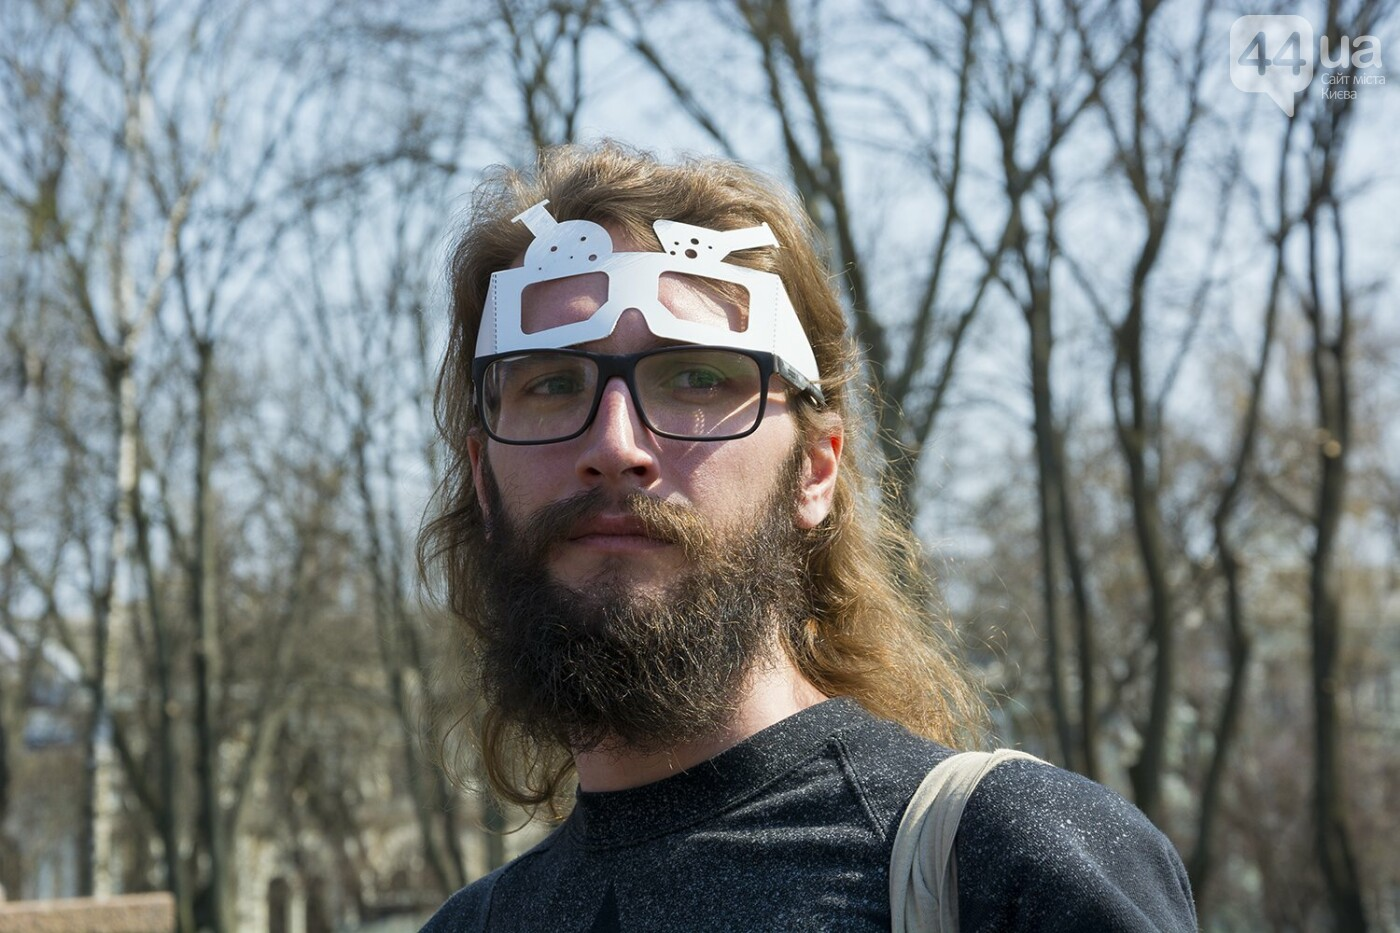 Ученые против мракобесия: в Киеве прошел марш за науку, фото-3